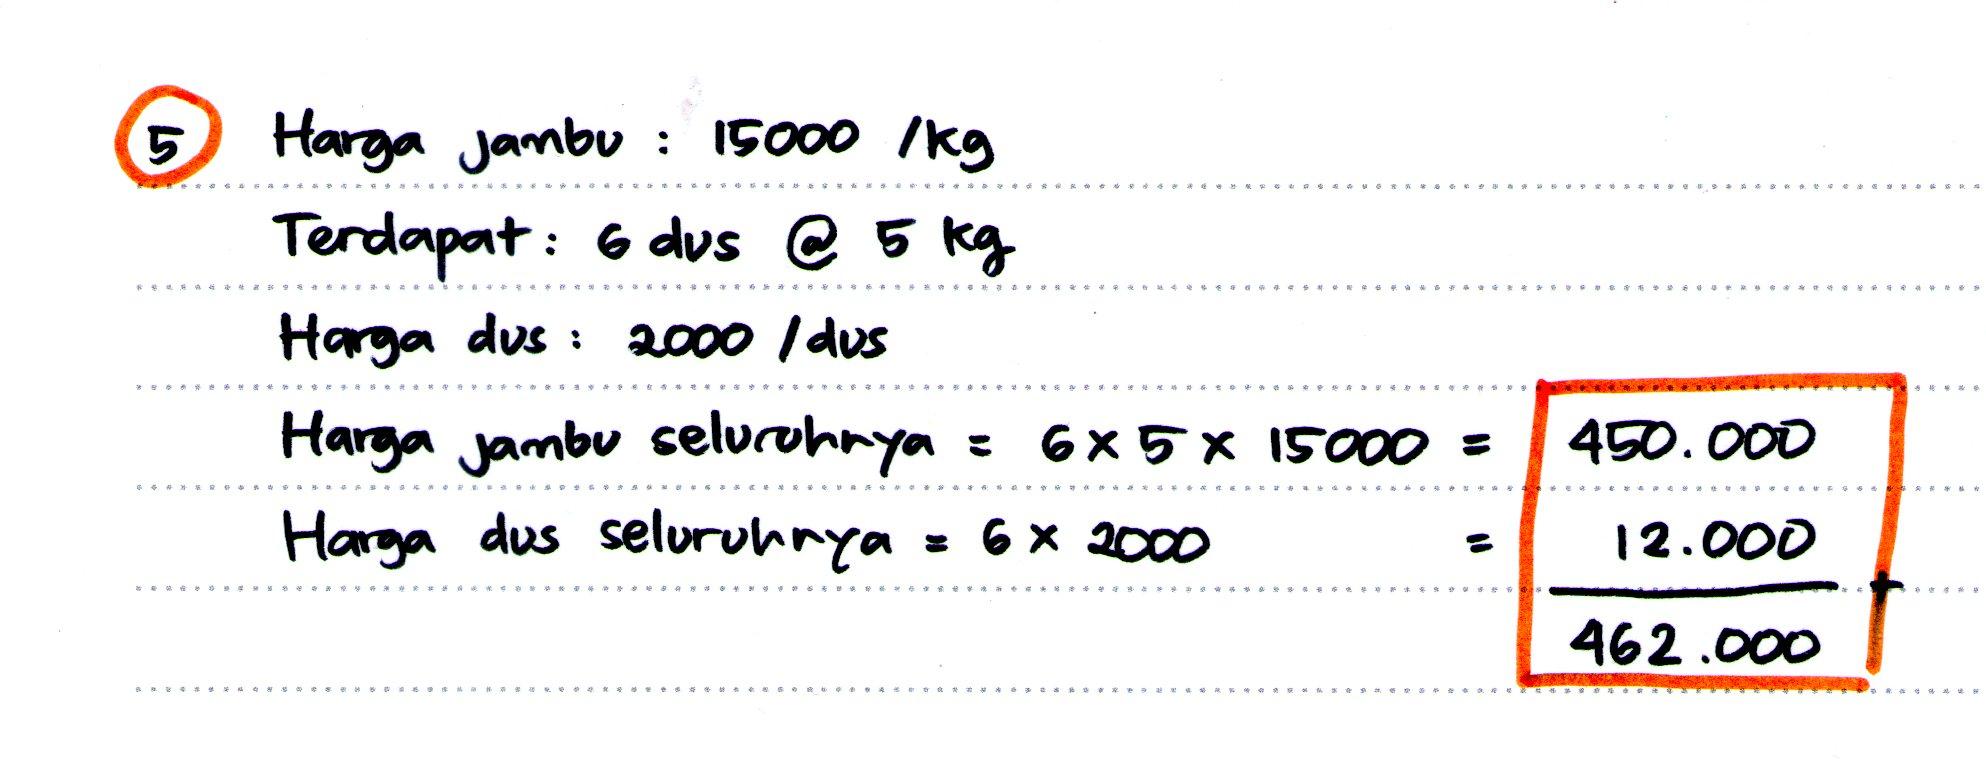 Contoh Soal Psikotes Logika Matematika Seribu Rumus